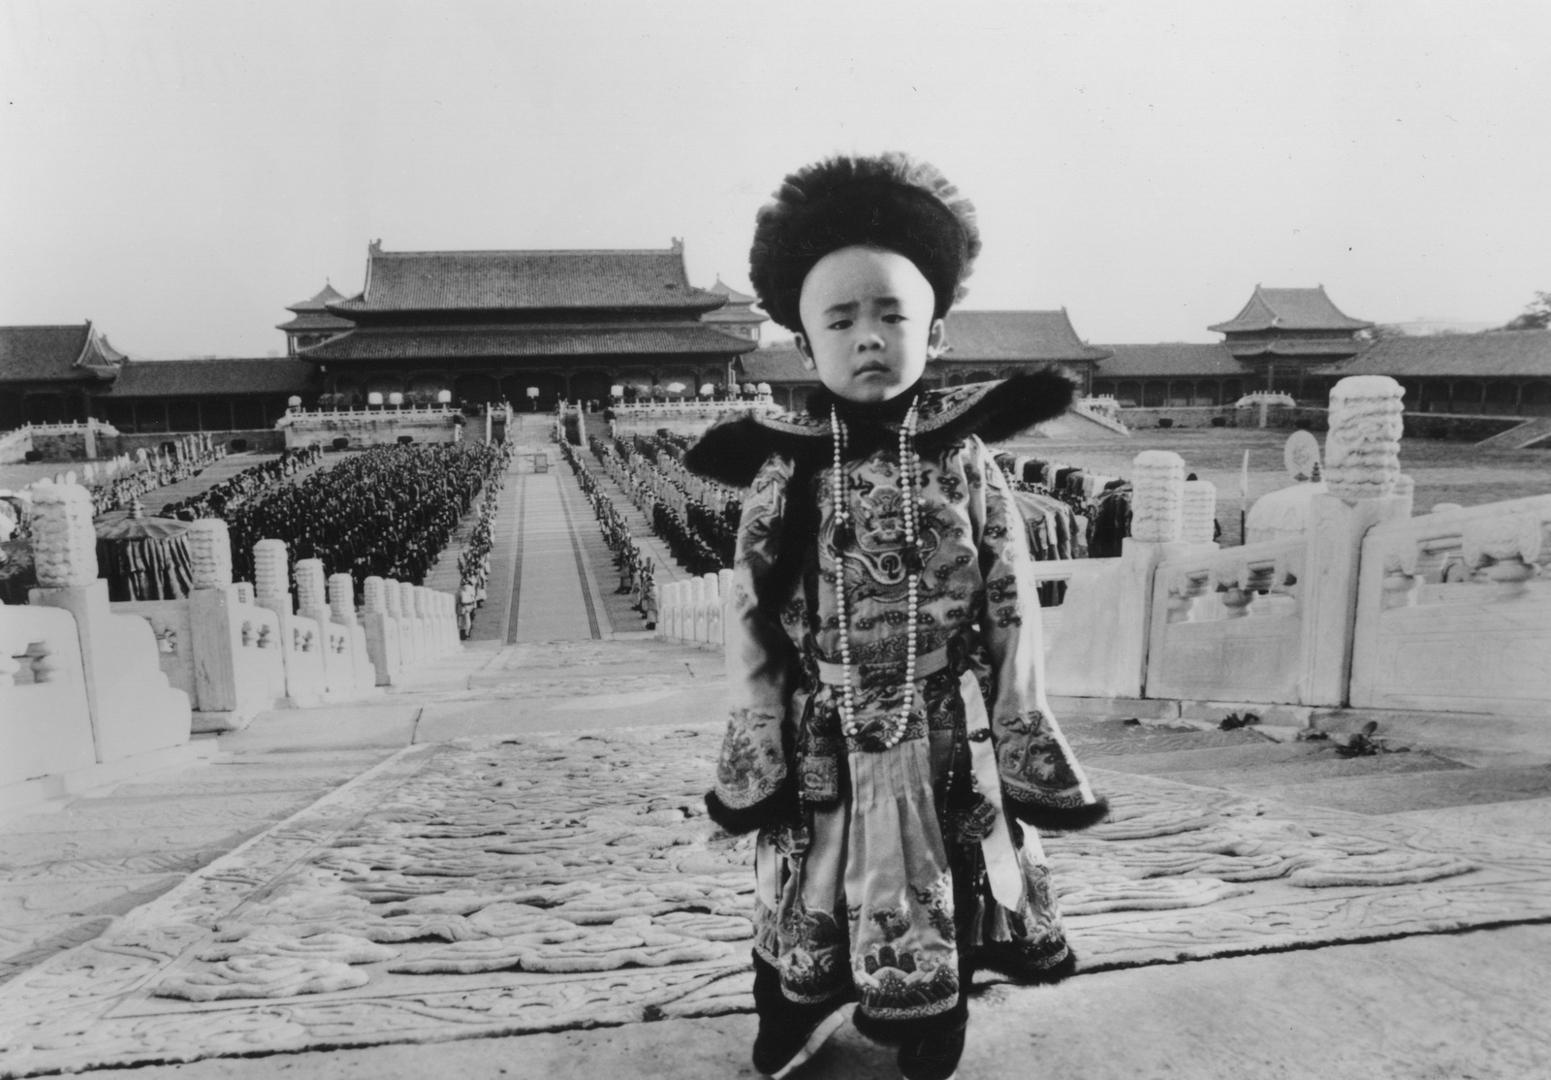 The Last Emperor. 1987 image